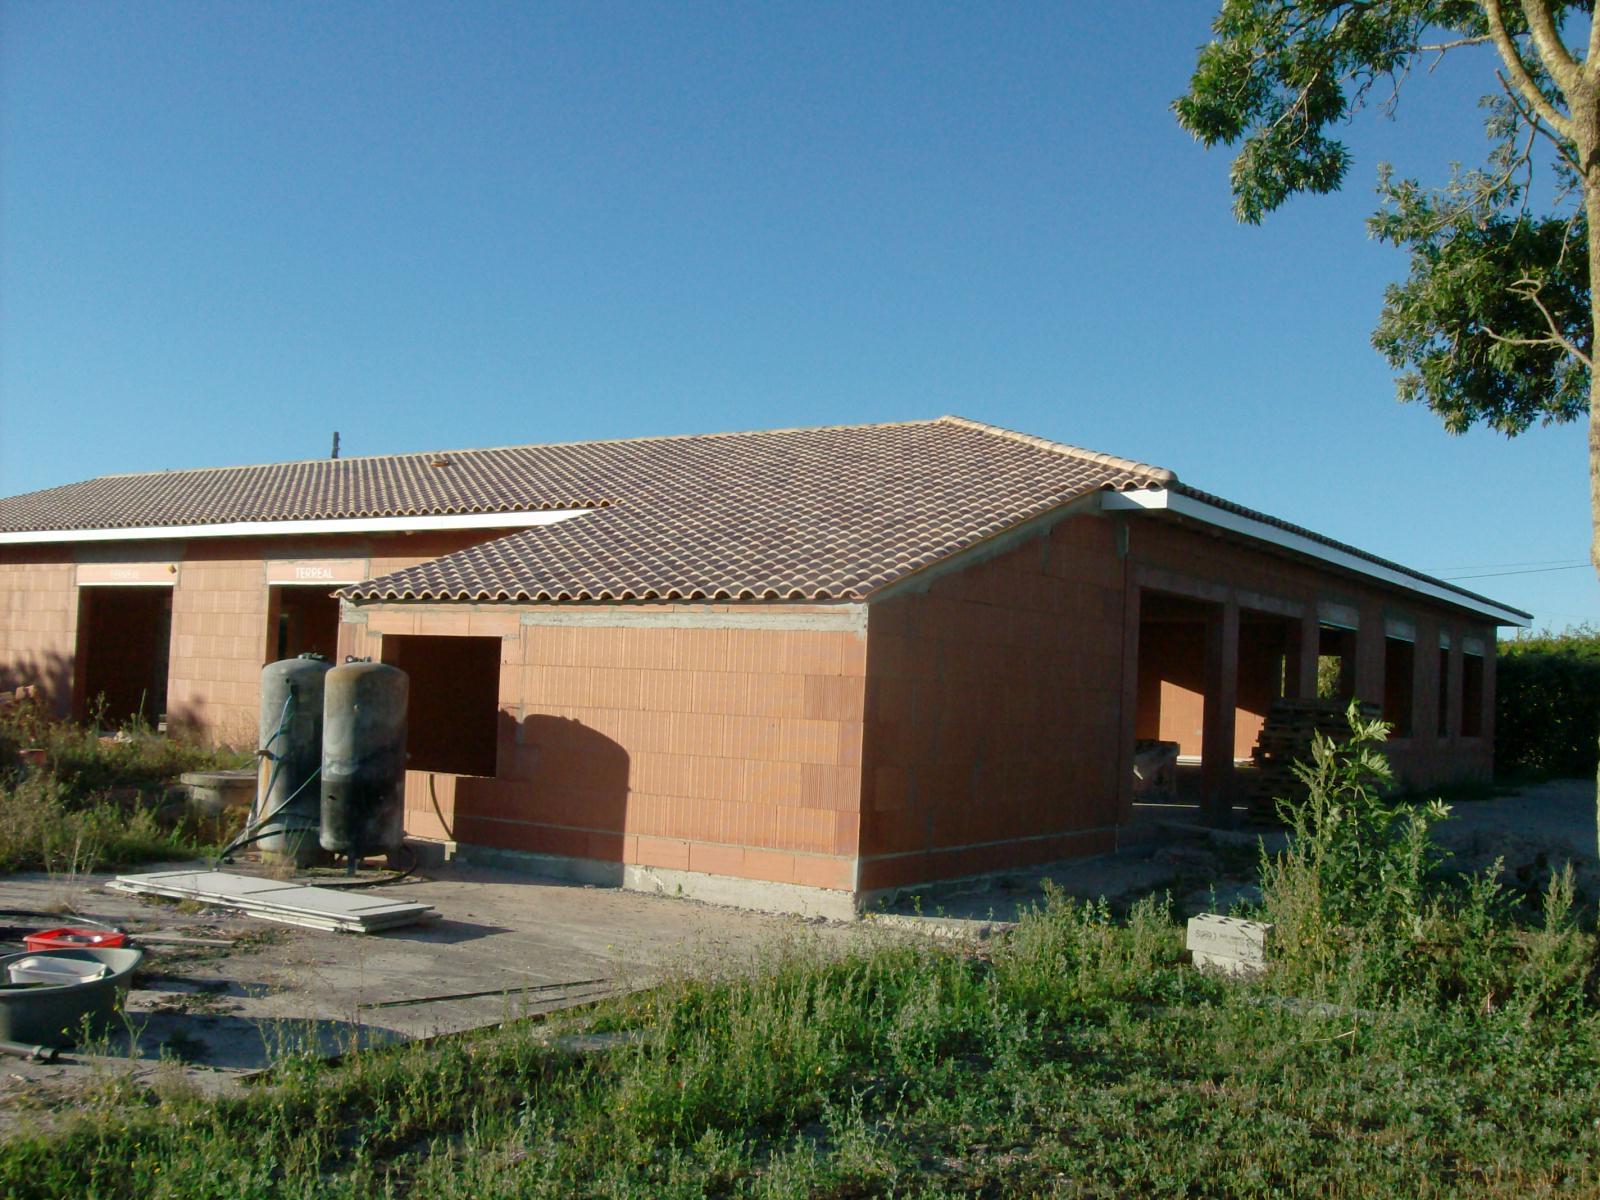 Chantier couteau 002 maisons lara for Constructeur maison individuelle 17000